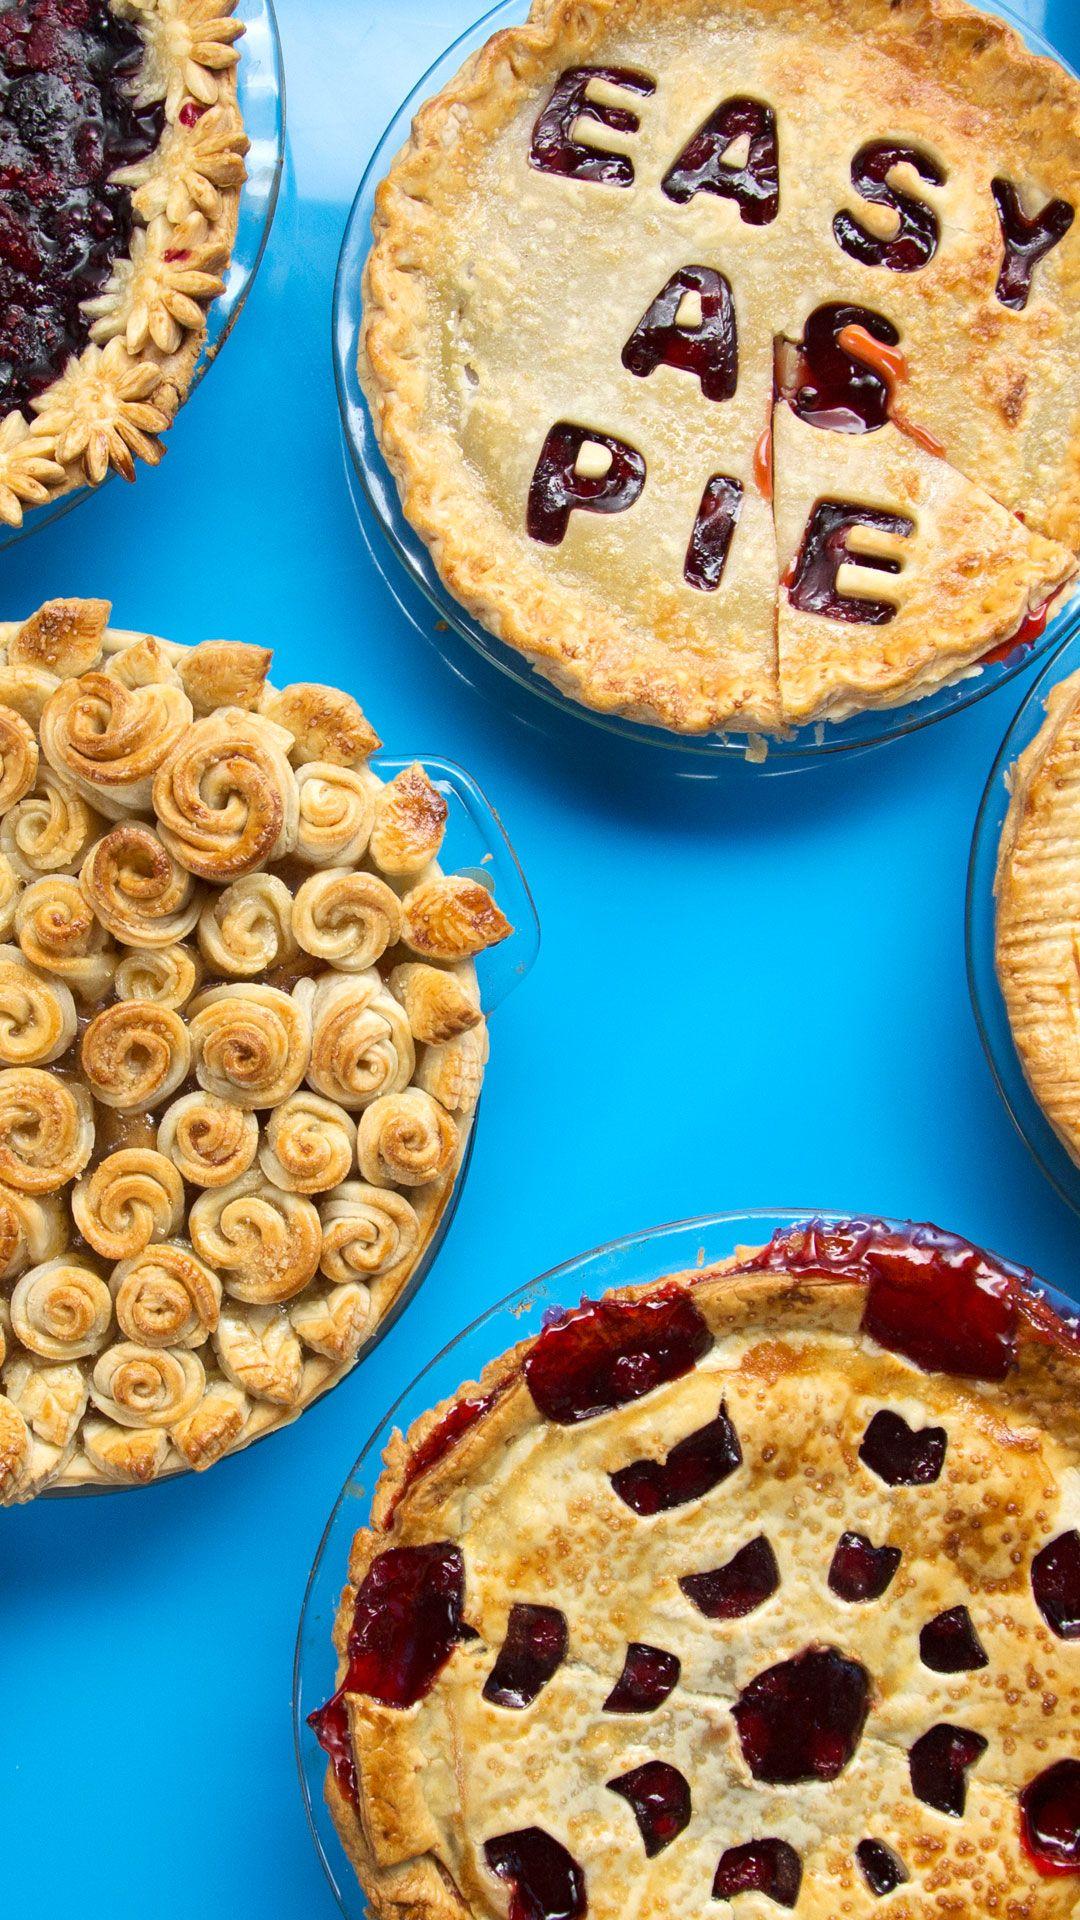 8 More Pie Hacks #sweetpie